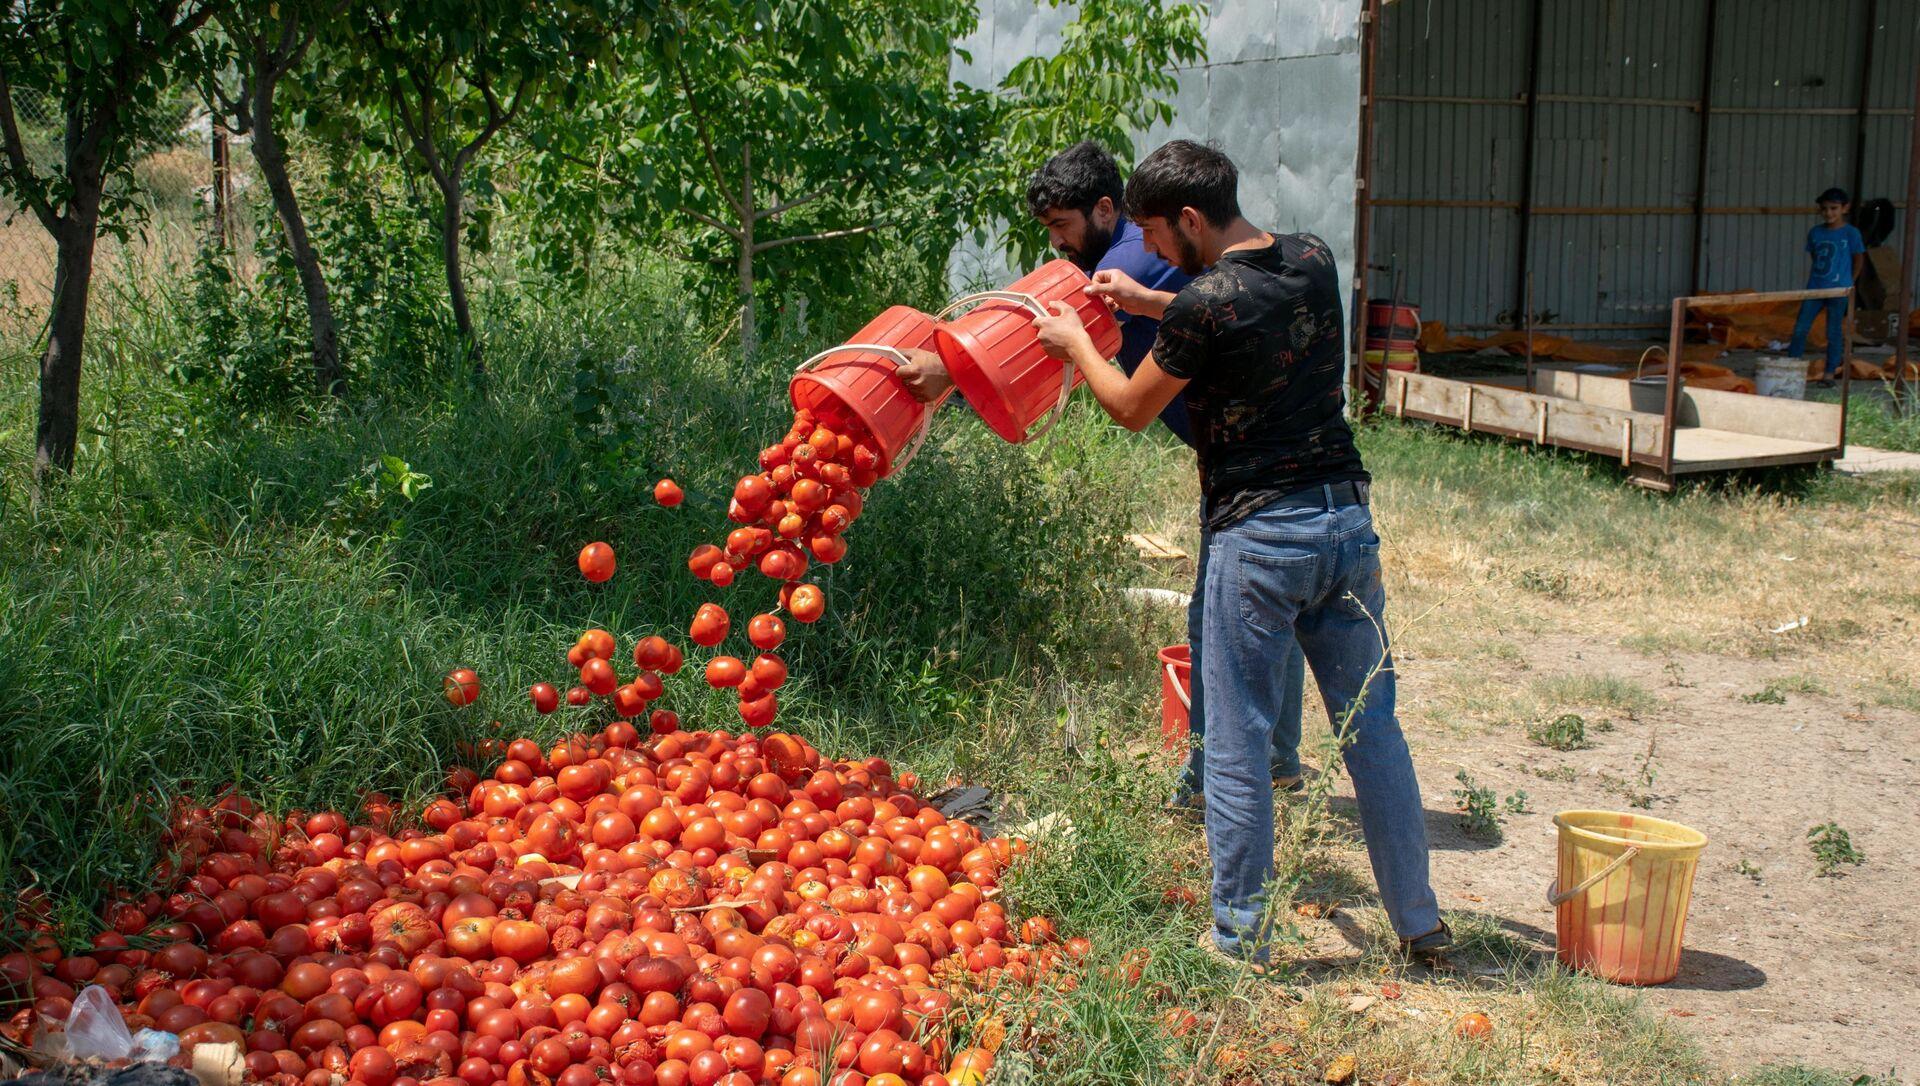 Şəmkirdə zibilliyə atılmış pomidorlar - Sputnik Азербайджан, 1920, 06.07.2021